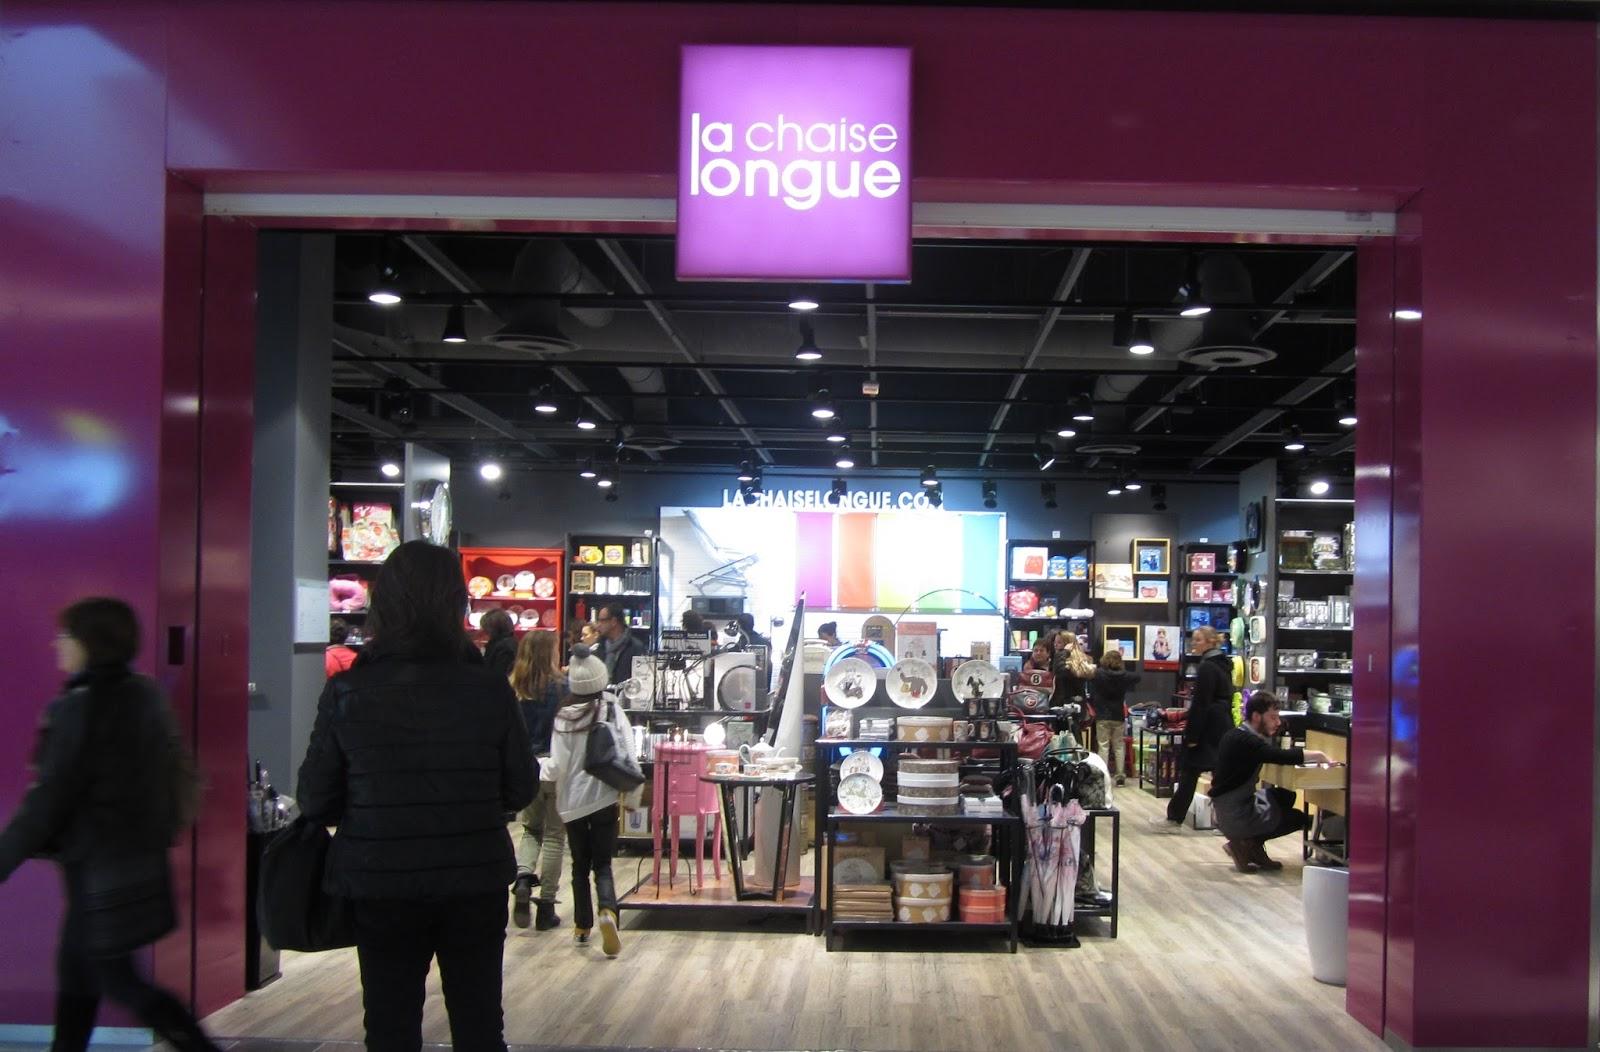 Le blog d 39 art 0gante centre commercial alma rennes - La chaise longue boutique ...